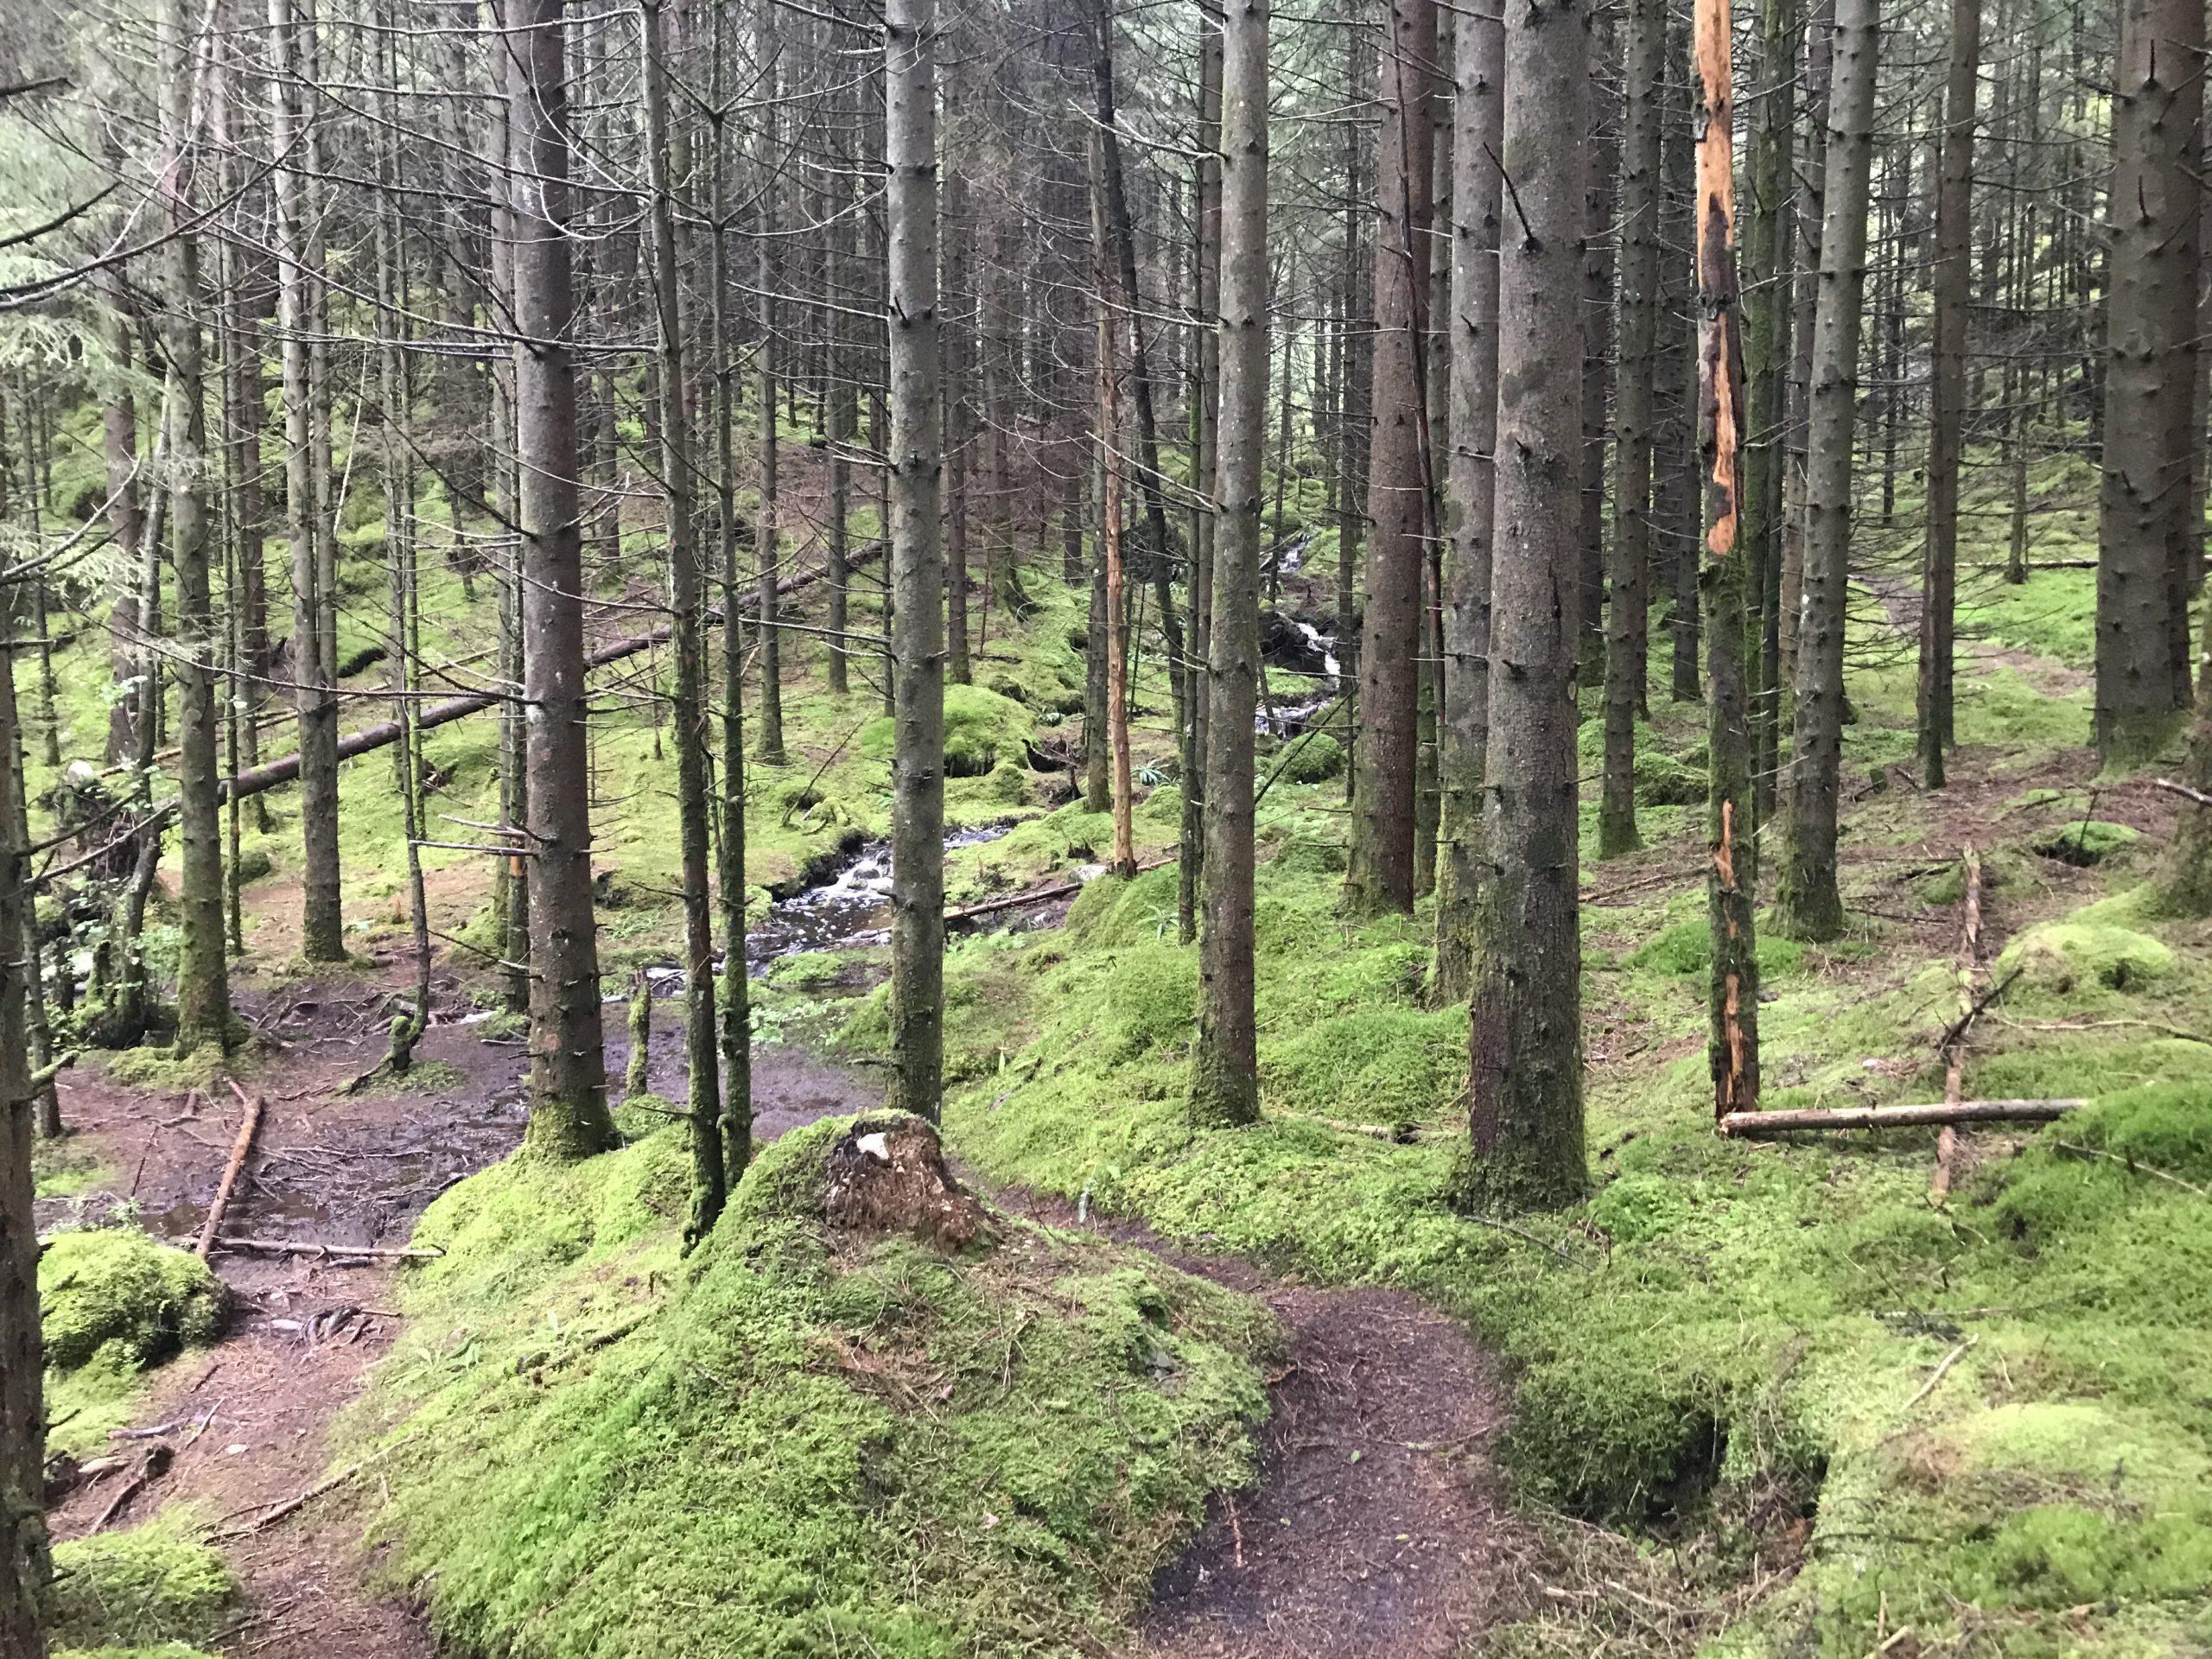 Tursti og bekk slyngar seg på ulikt vis gjennom granskogen.